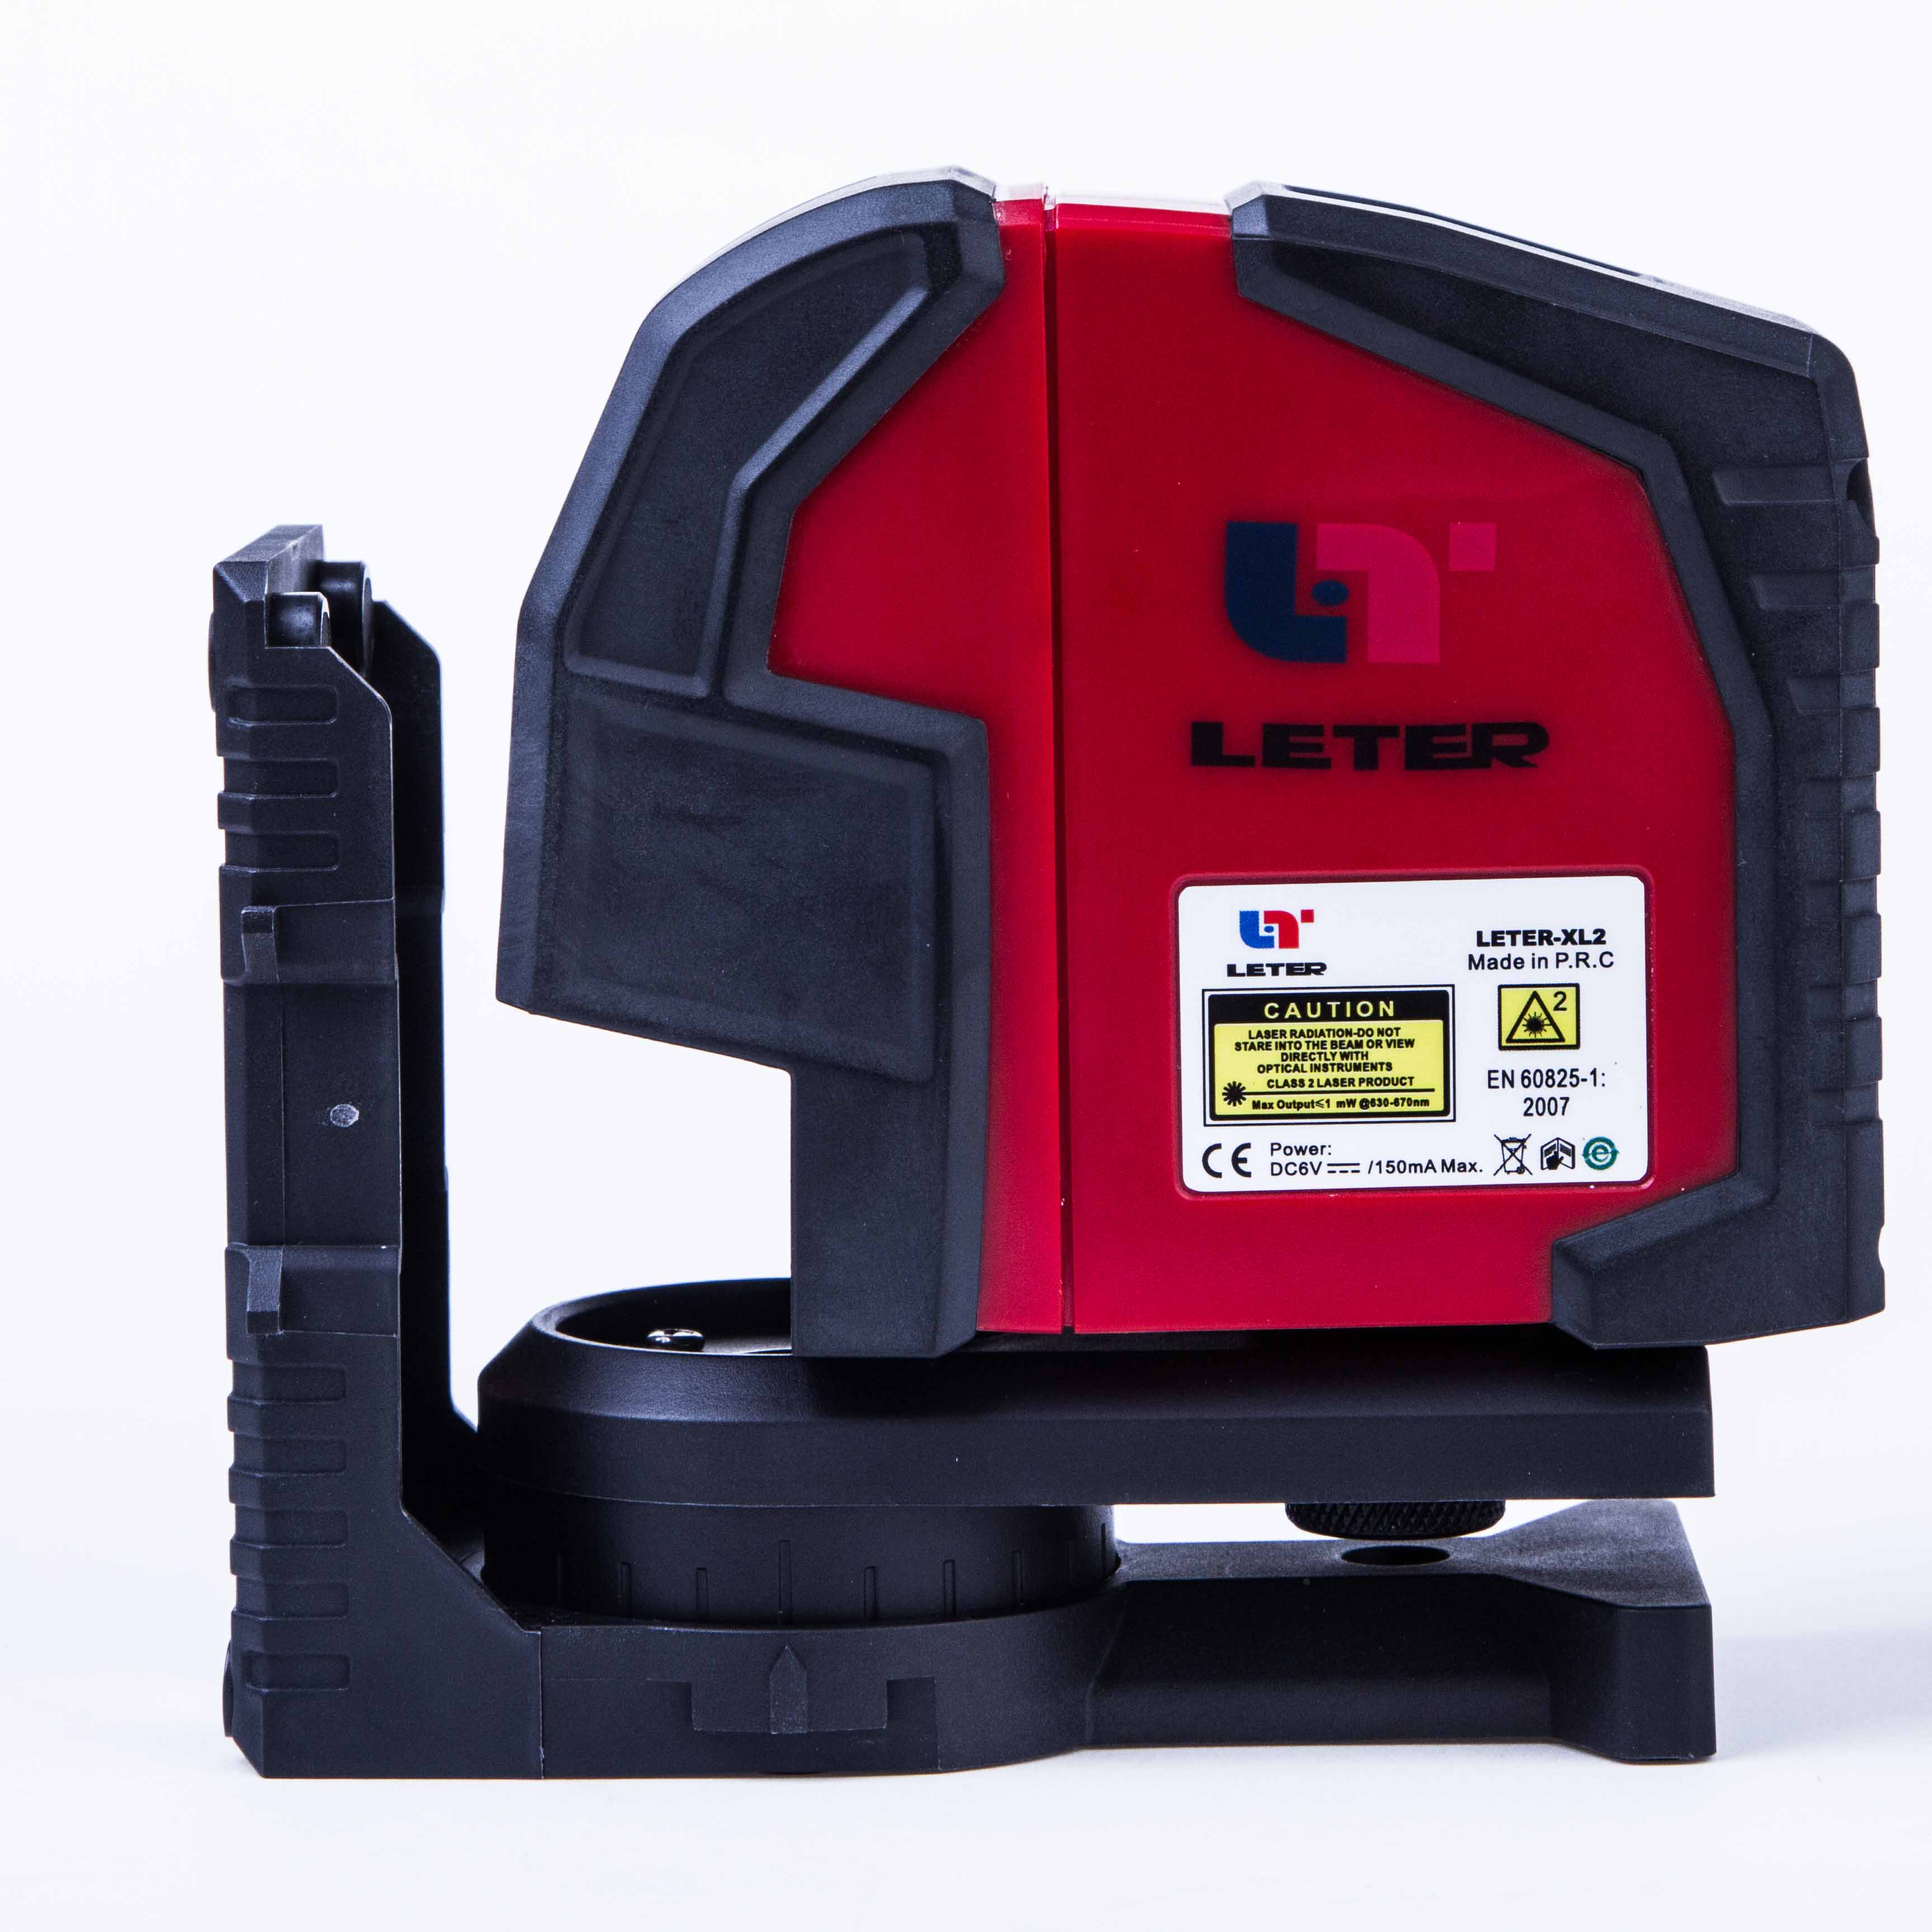 Лай тайский L2P2 лазер измеритель уровня литье линия инструмент группа вешать точка функция L2P2 в комплекте